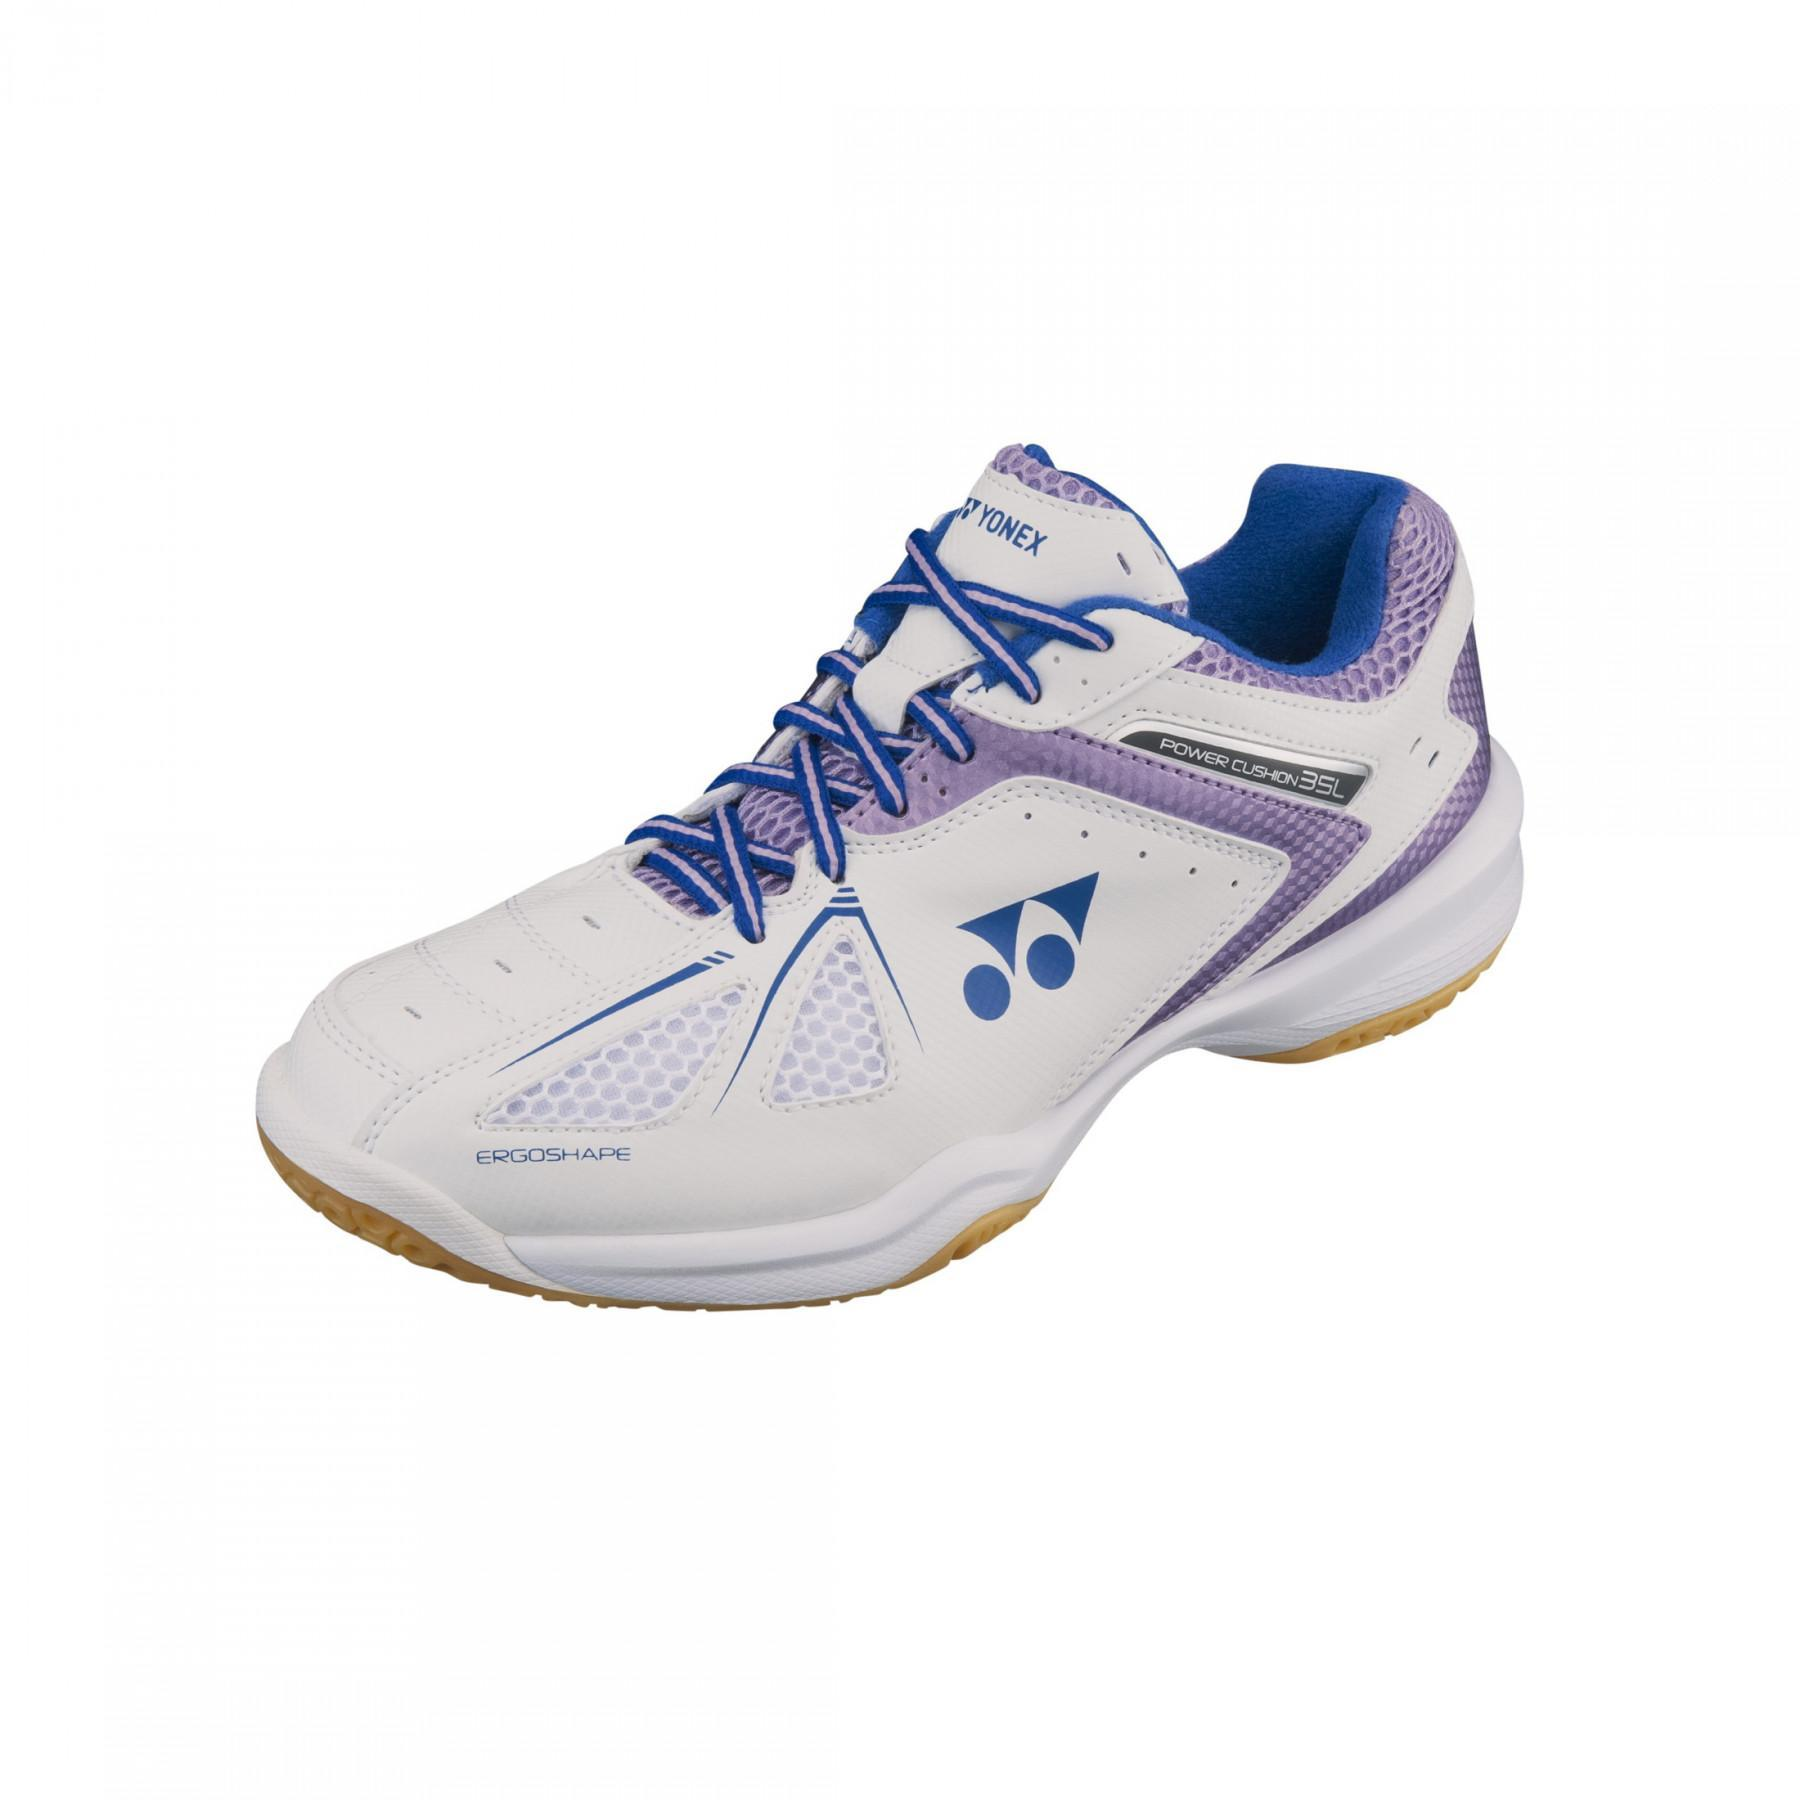 Women's shoes Yonex PC 35